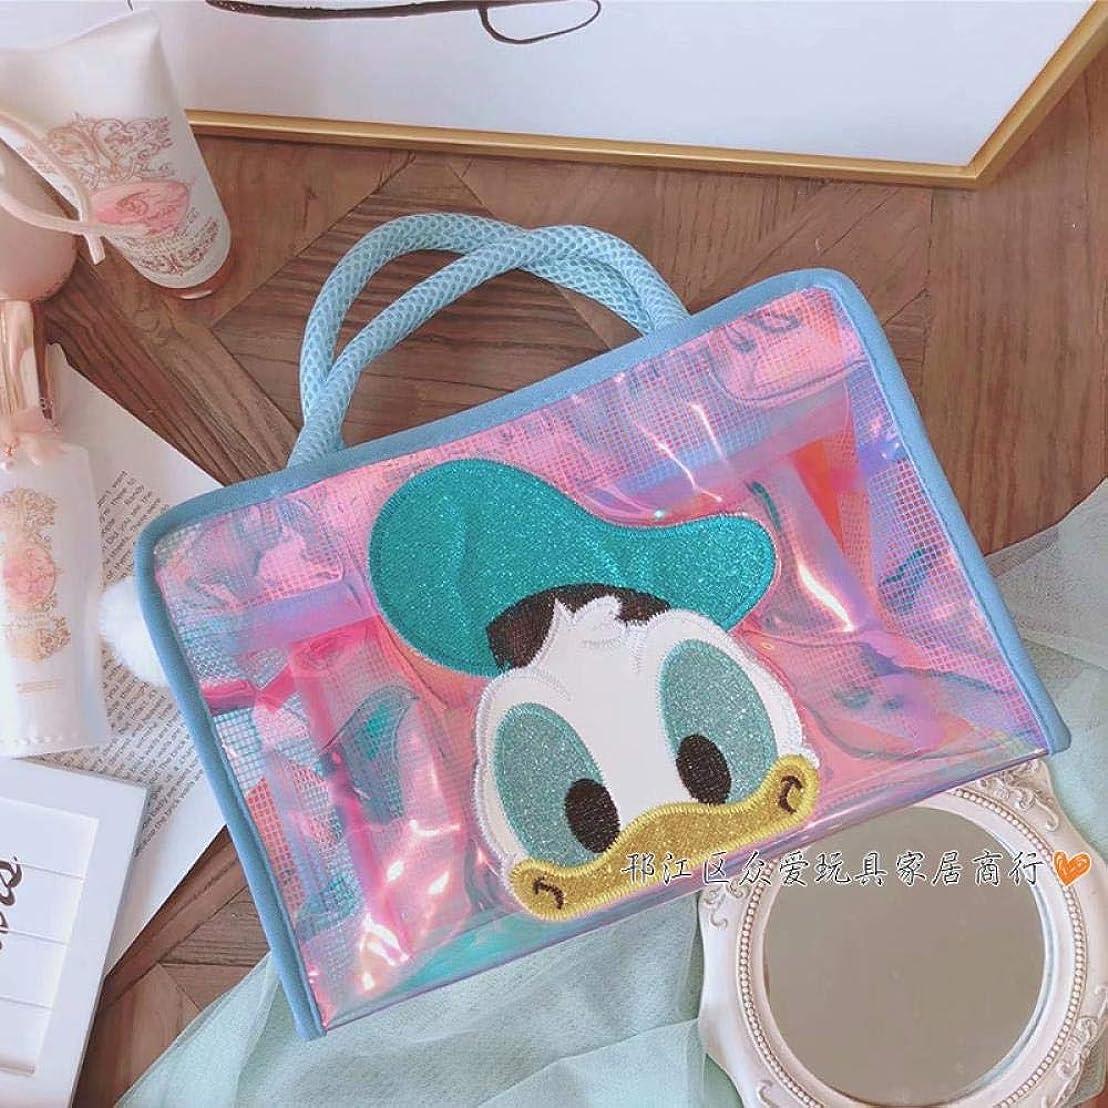 商人凝視表向き女性のハンドバッグ、女性の化粧をするために、レーザー洗浄バッグ、フィットネスバッグ, 大きいサイズのドナルドダック